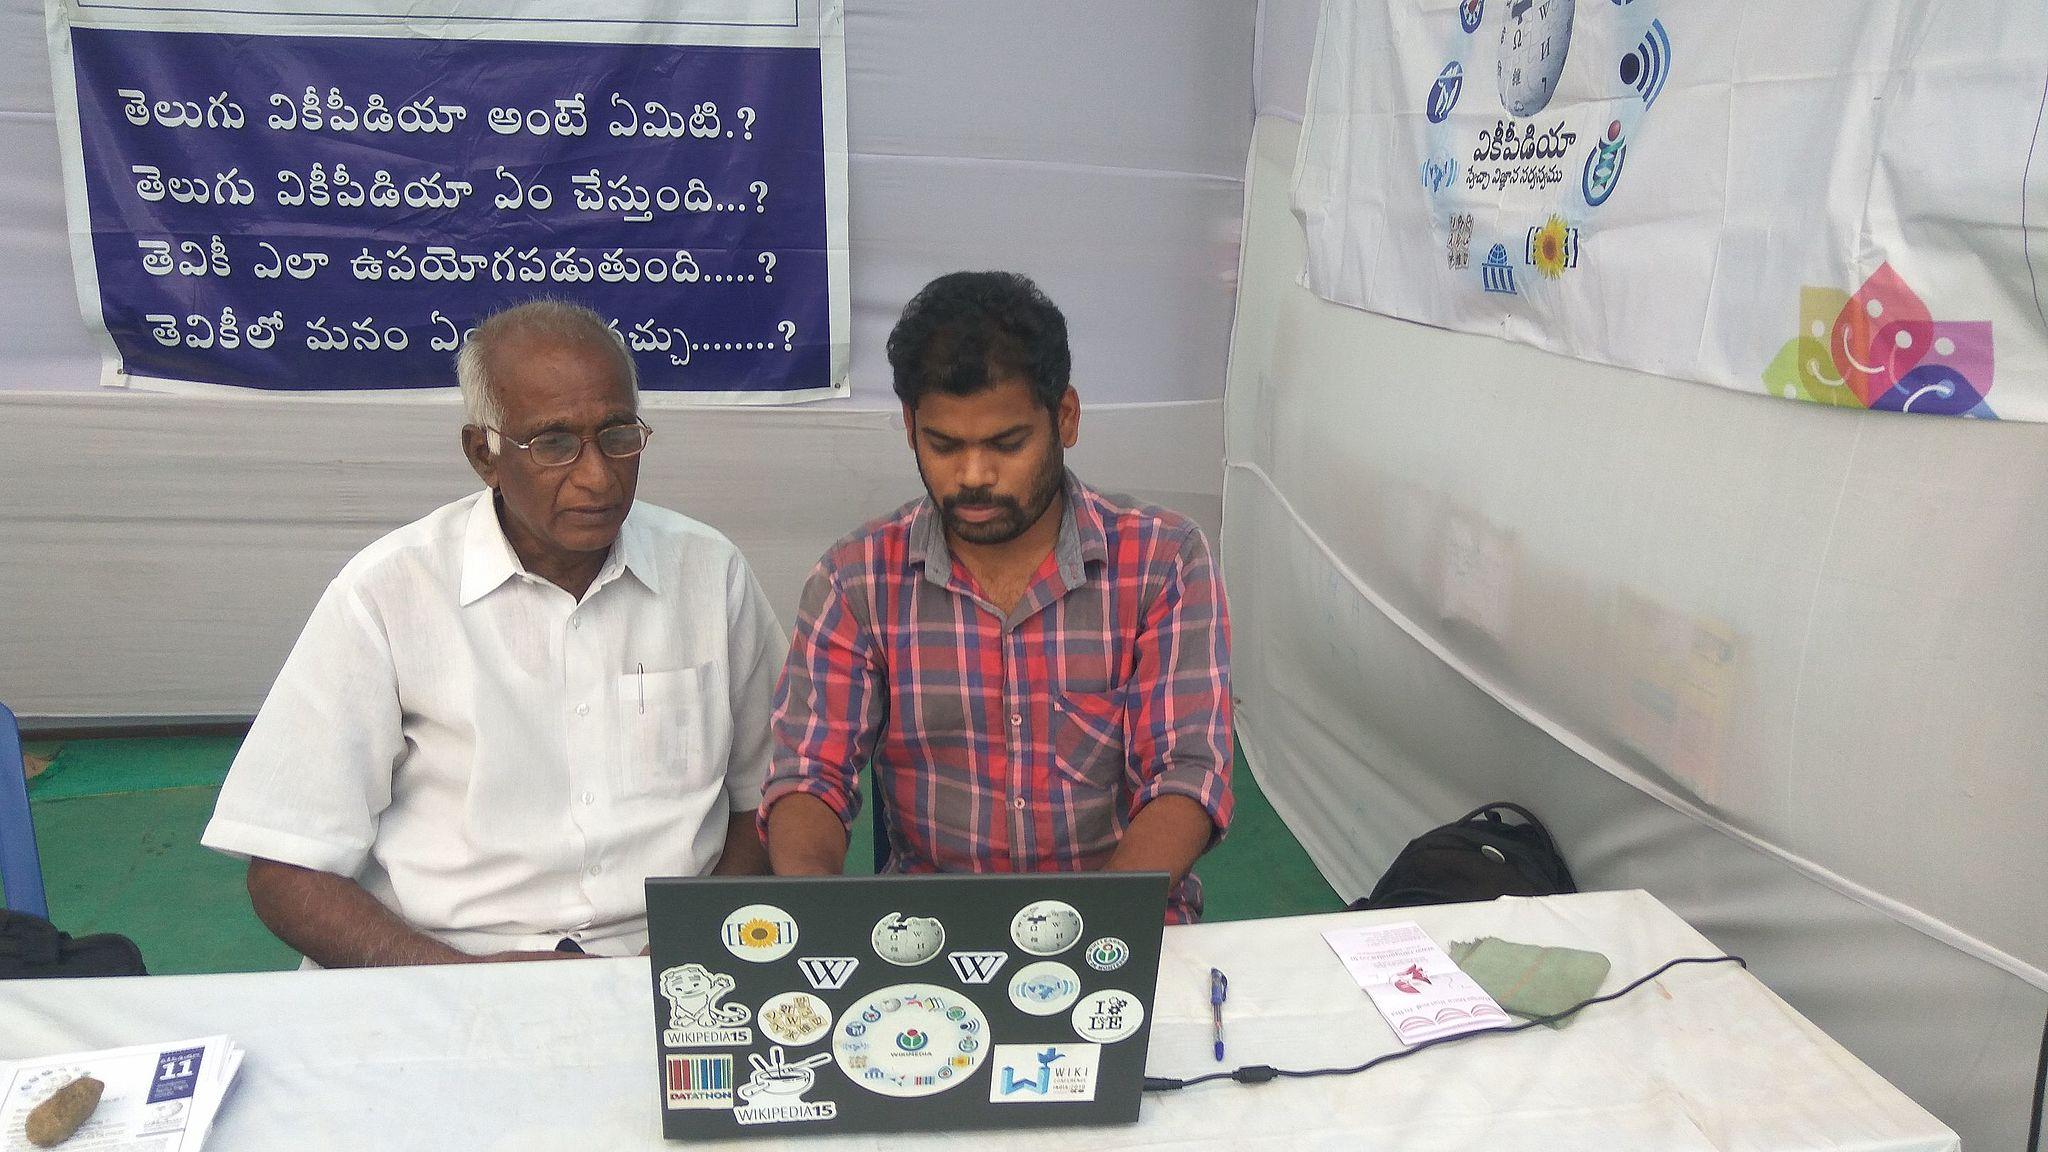 Telugu Wikipedia stall at Vijayawada Book Festival